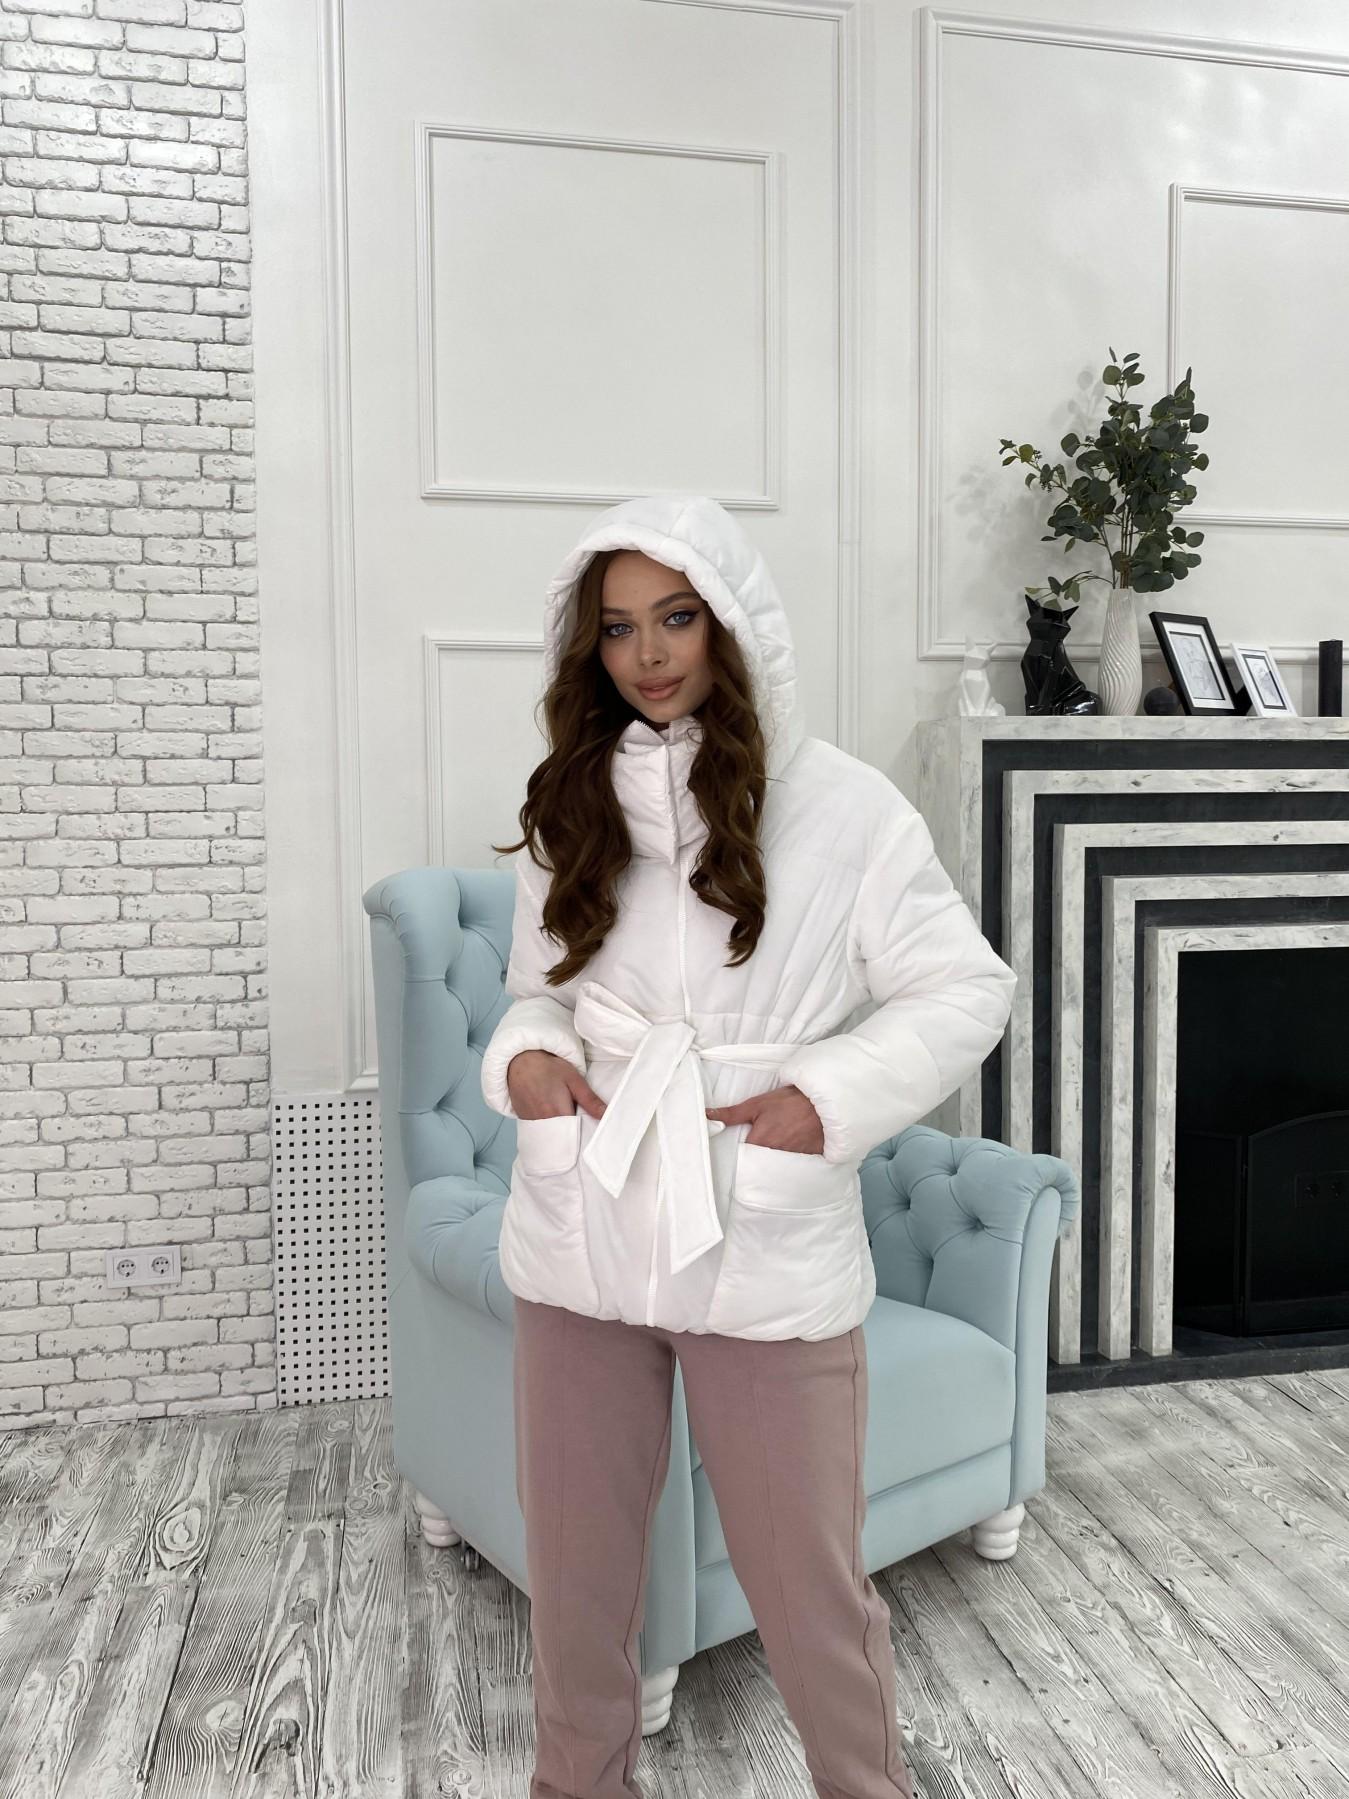 Док куртка из  плащевки Ammy 10822 АРТ. 47311 Цвет: Белый - фото 2, интернет магазин tm-modus.ru